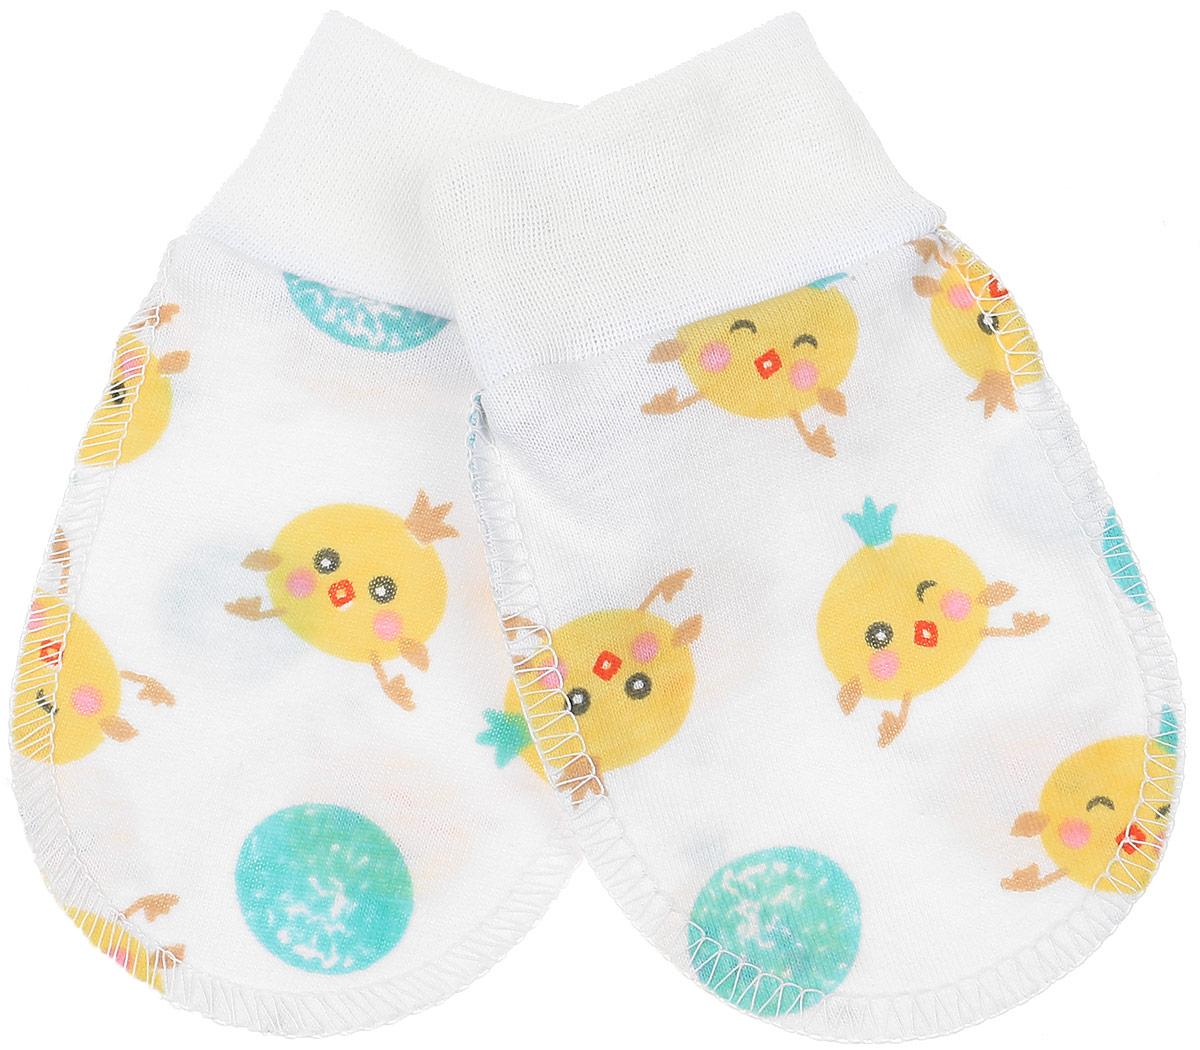 Рукавички Чудесные одежки, цвет: белый, салатовый, желтый. 5906. Размер 625906Рукавички для младенцев Чудесные одежки изготовлены из натурального хлопка. Они не раздражают нежную кожу ребенка. Широкие мягкие резинки не стягивают ручки. Швы выполнены на лицевую сторону.